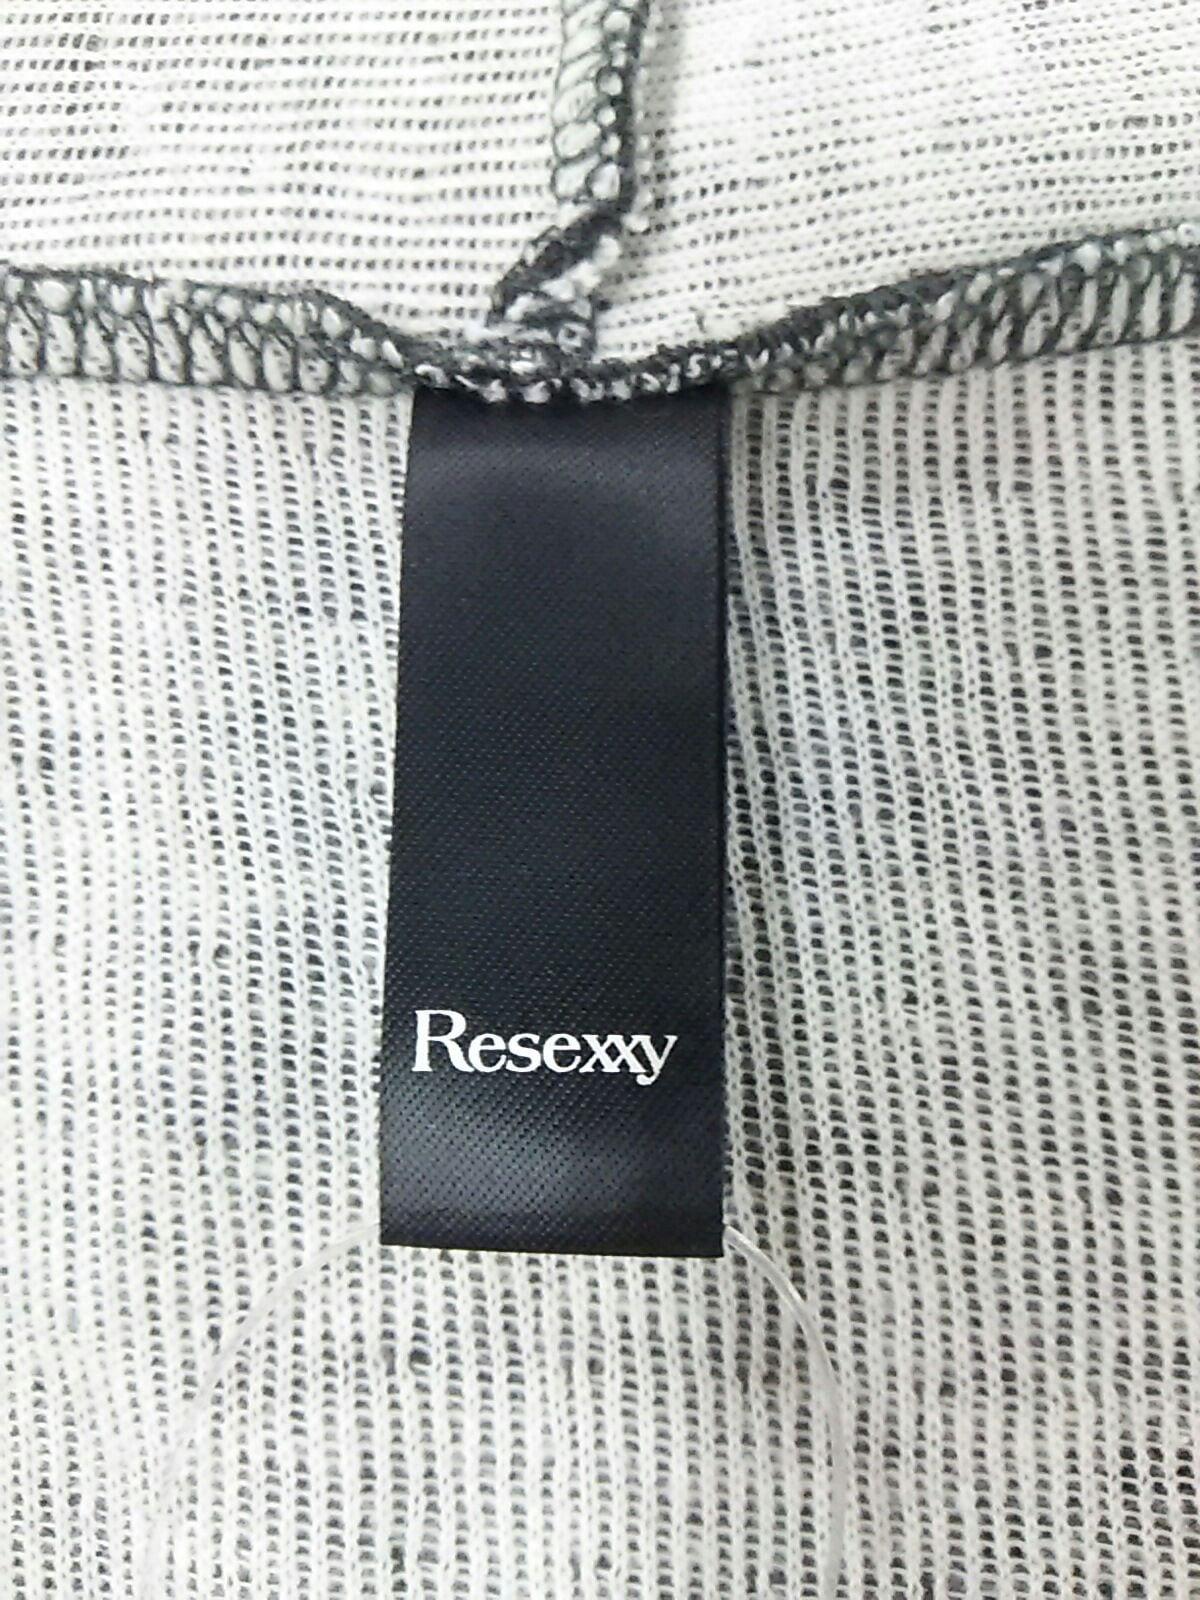 RESEXXY(リゼクシー)のカーディガン